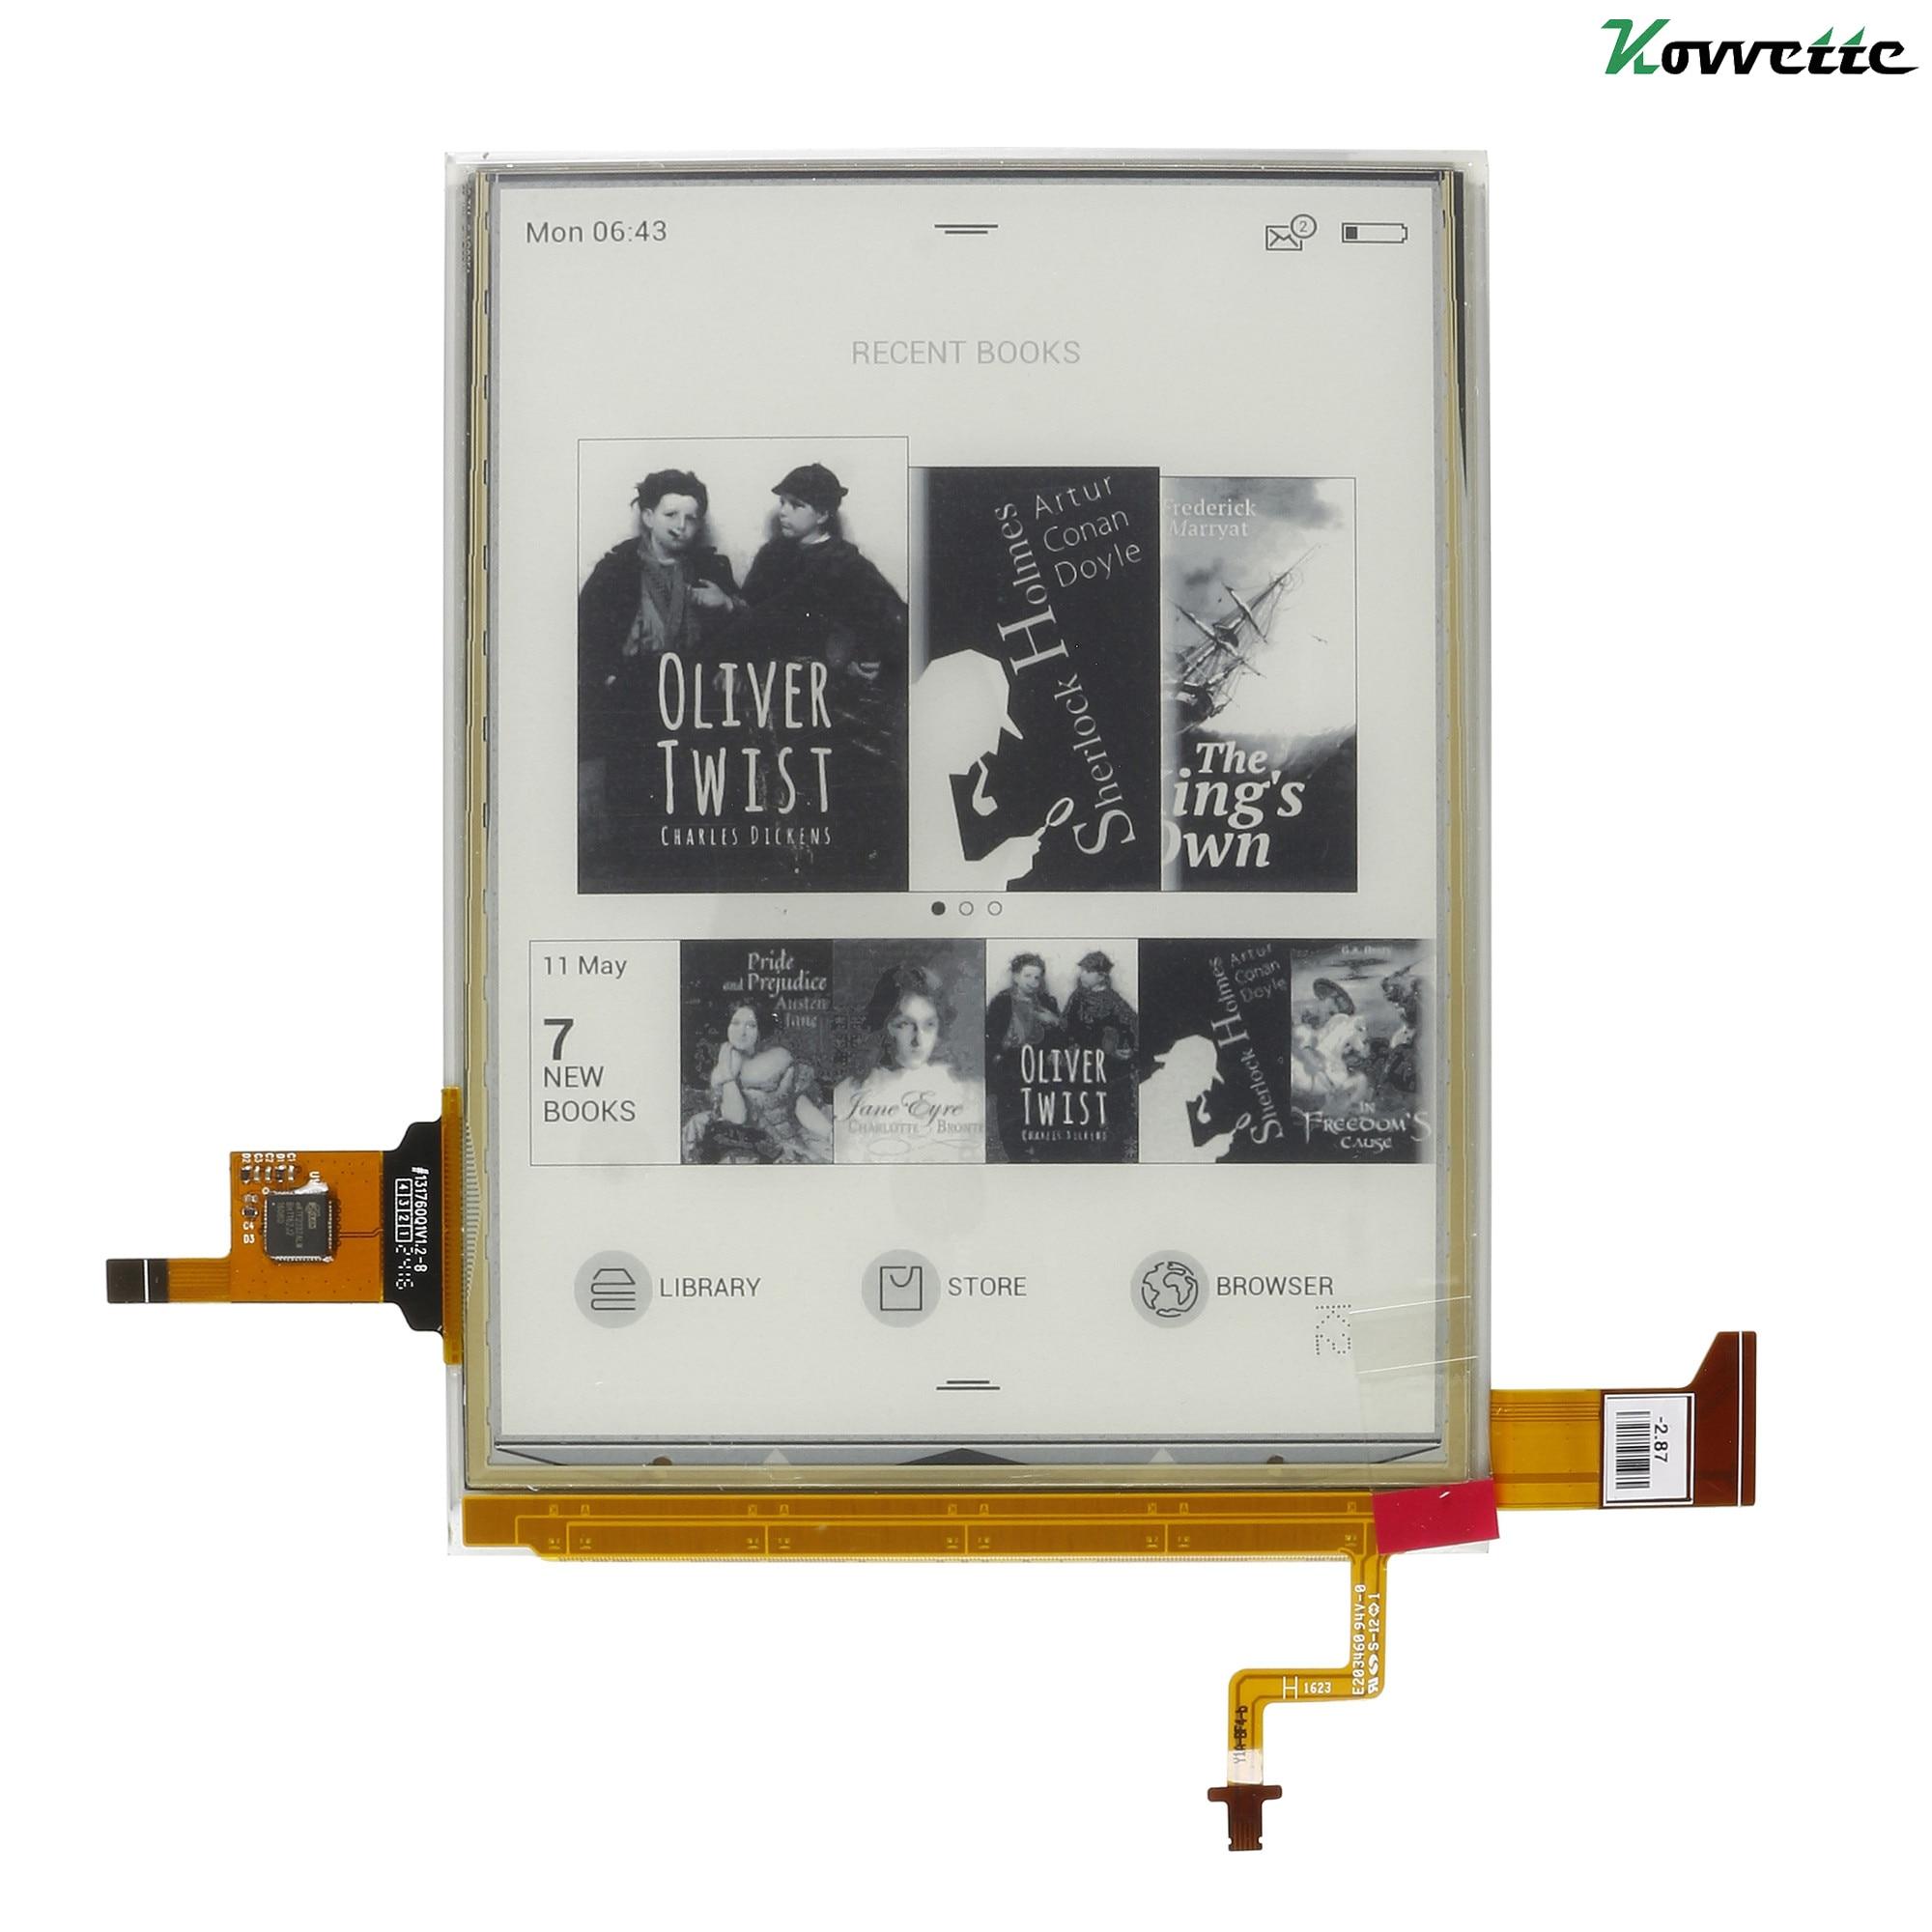 6 Cal Panel z ekranem dotykowym i podświetleniem ED060XH7 E ekran z tuszem do ekranu ONYX BOOX Vasco da Gama